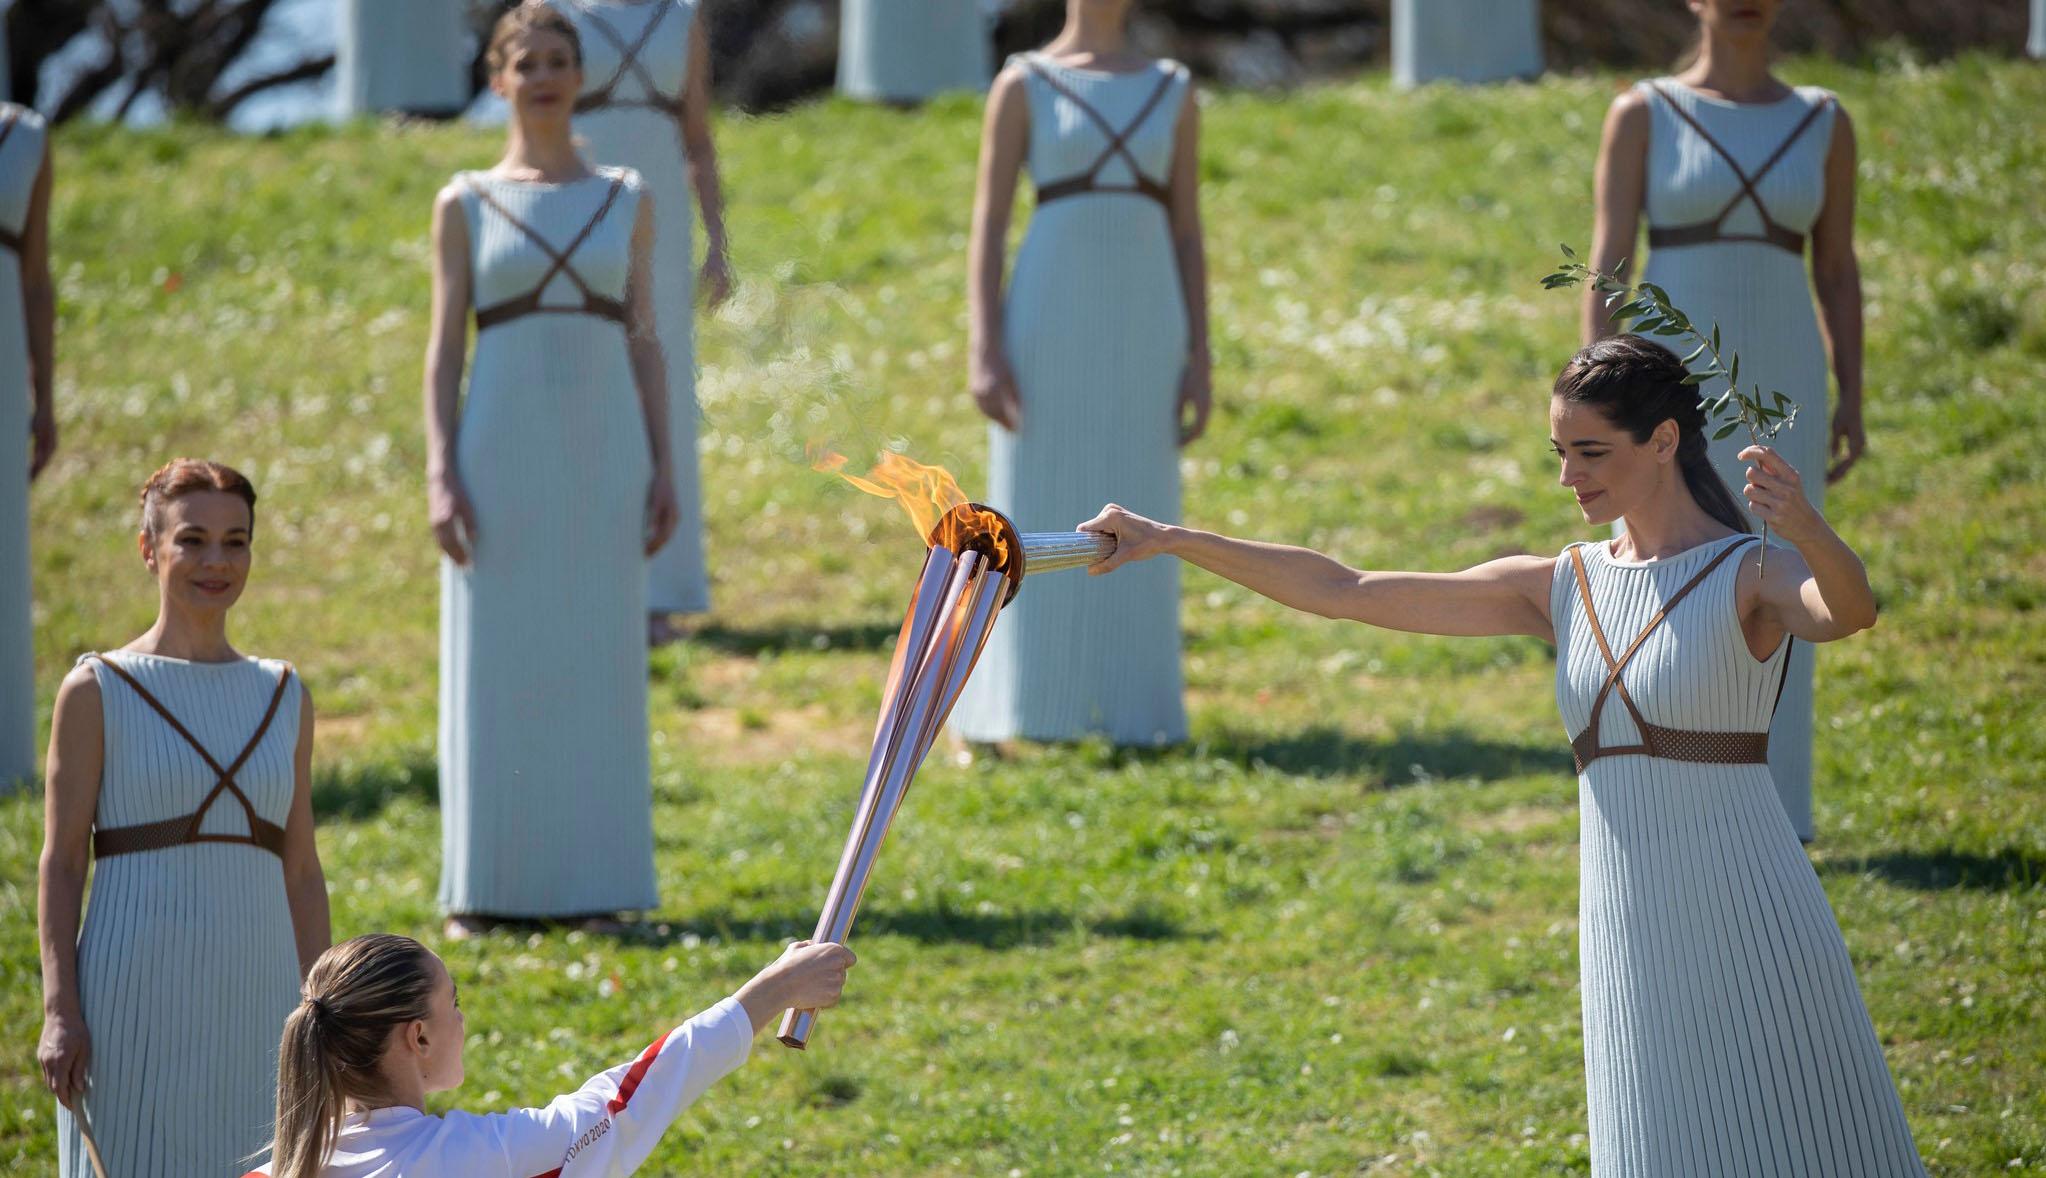 Készülnek az olimpiára